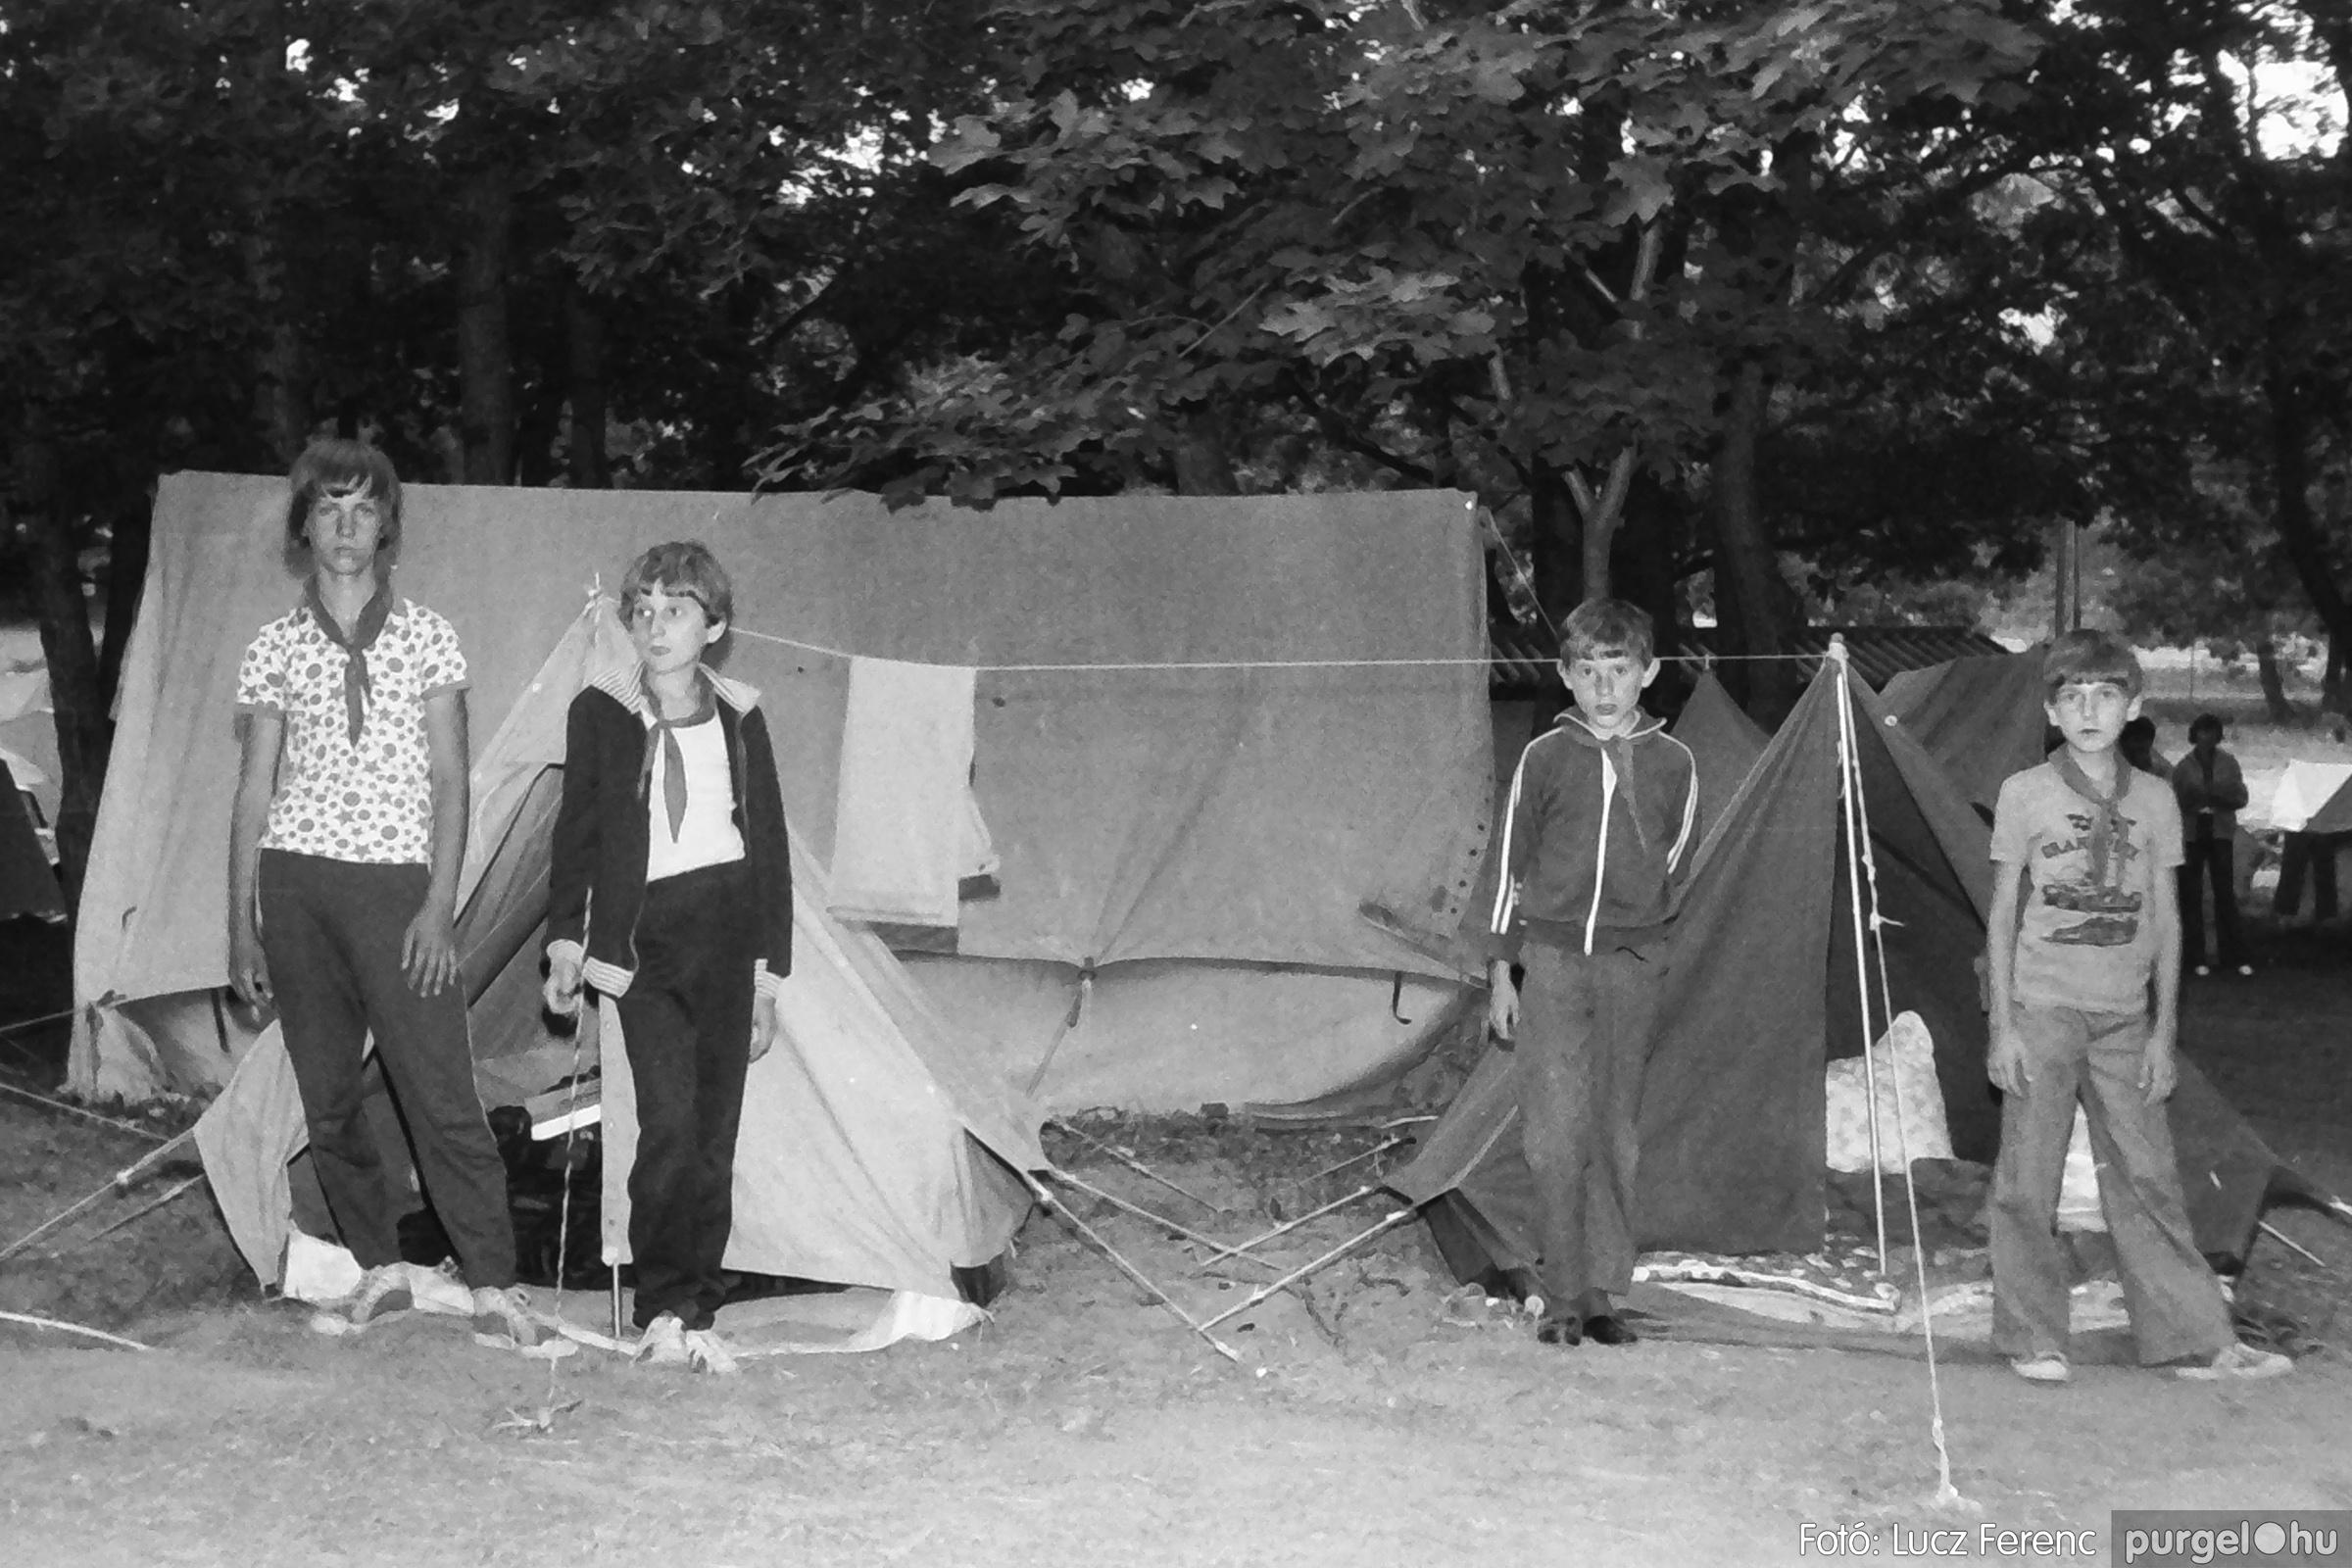 086, 088. 1977. Nyári tábor a Mátrában 045. - Fotó: Lucz Ferenc.jpg